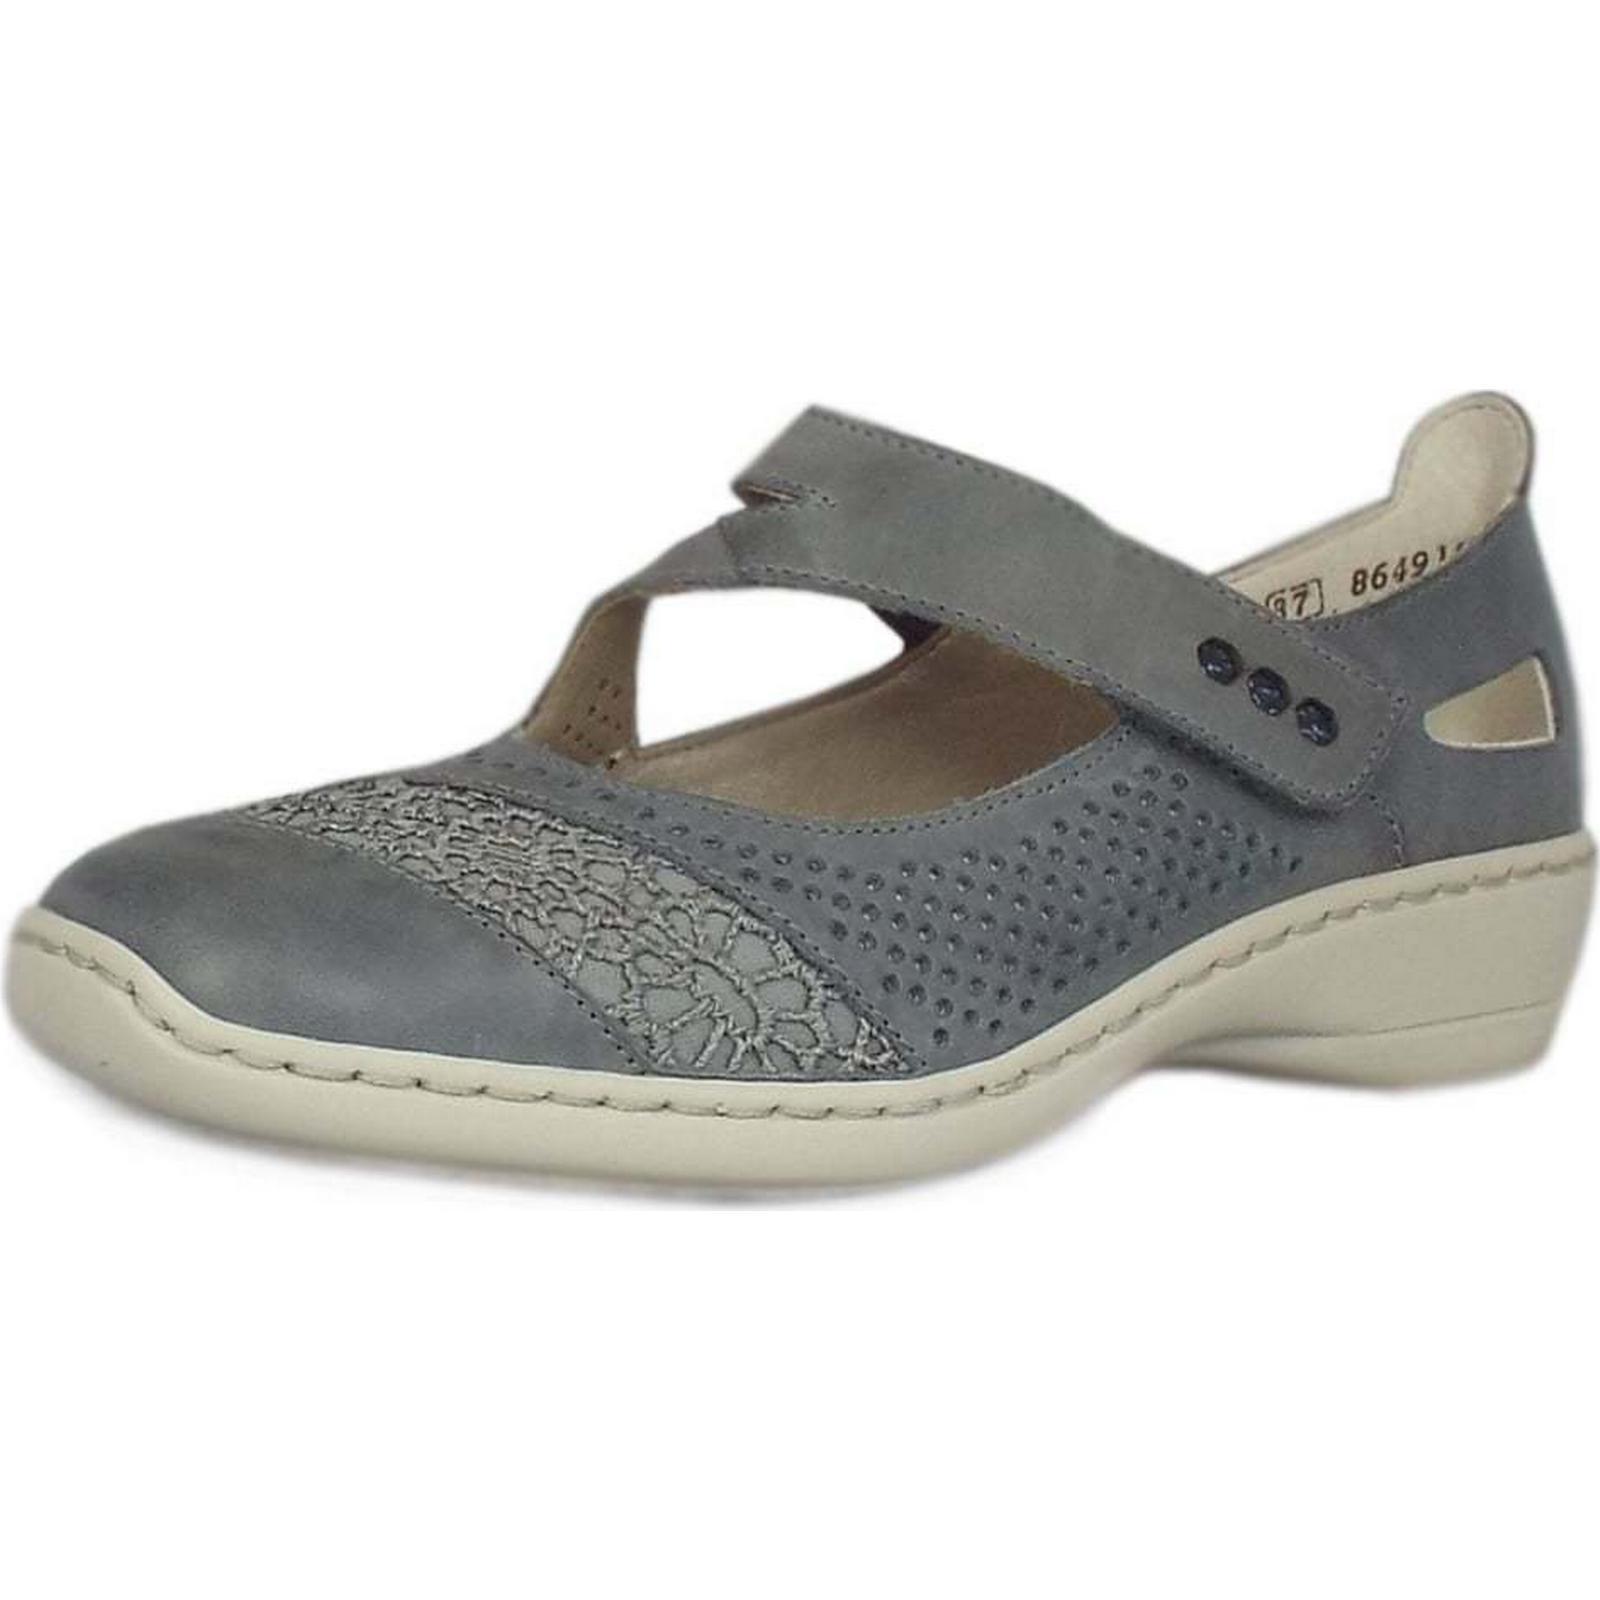 rieker zulu rieker chaussures mesdames summer chaussures rieker taille: 37, couleur: bleu 0dce32